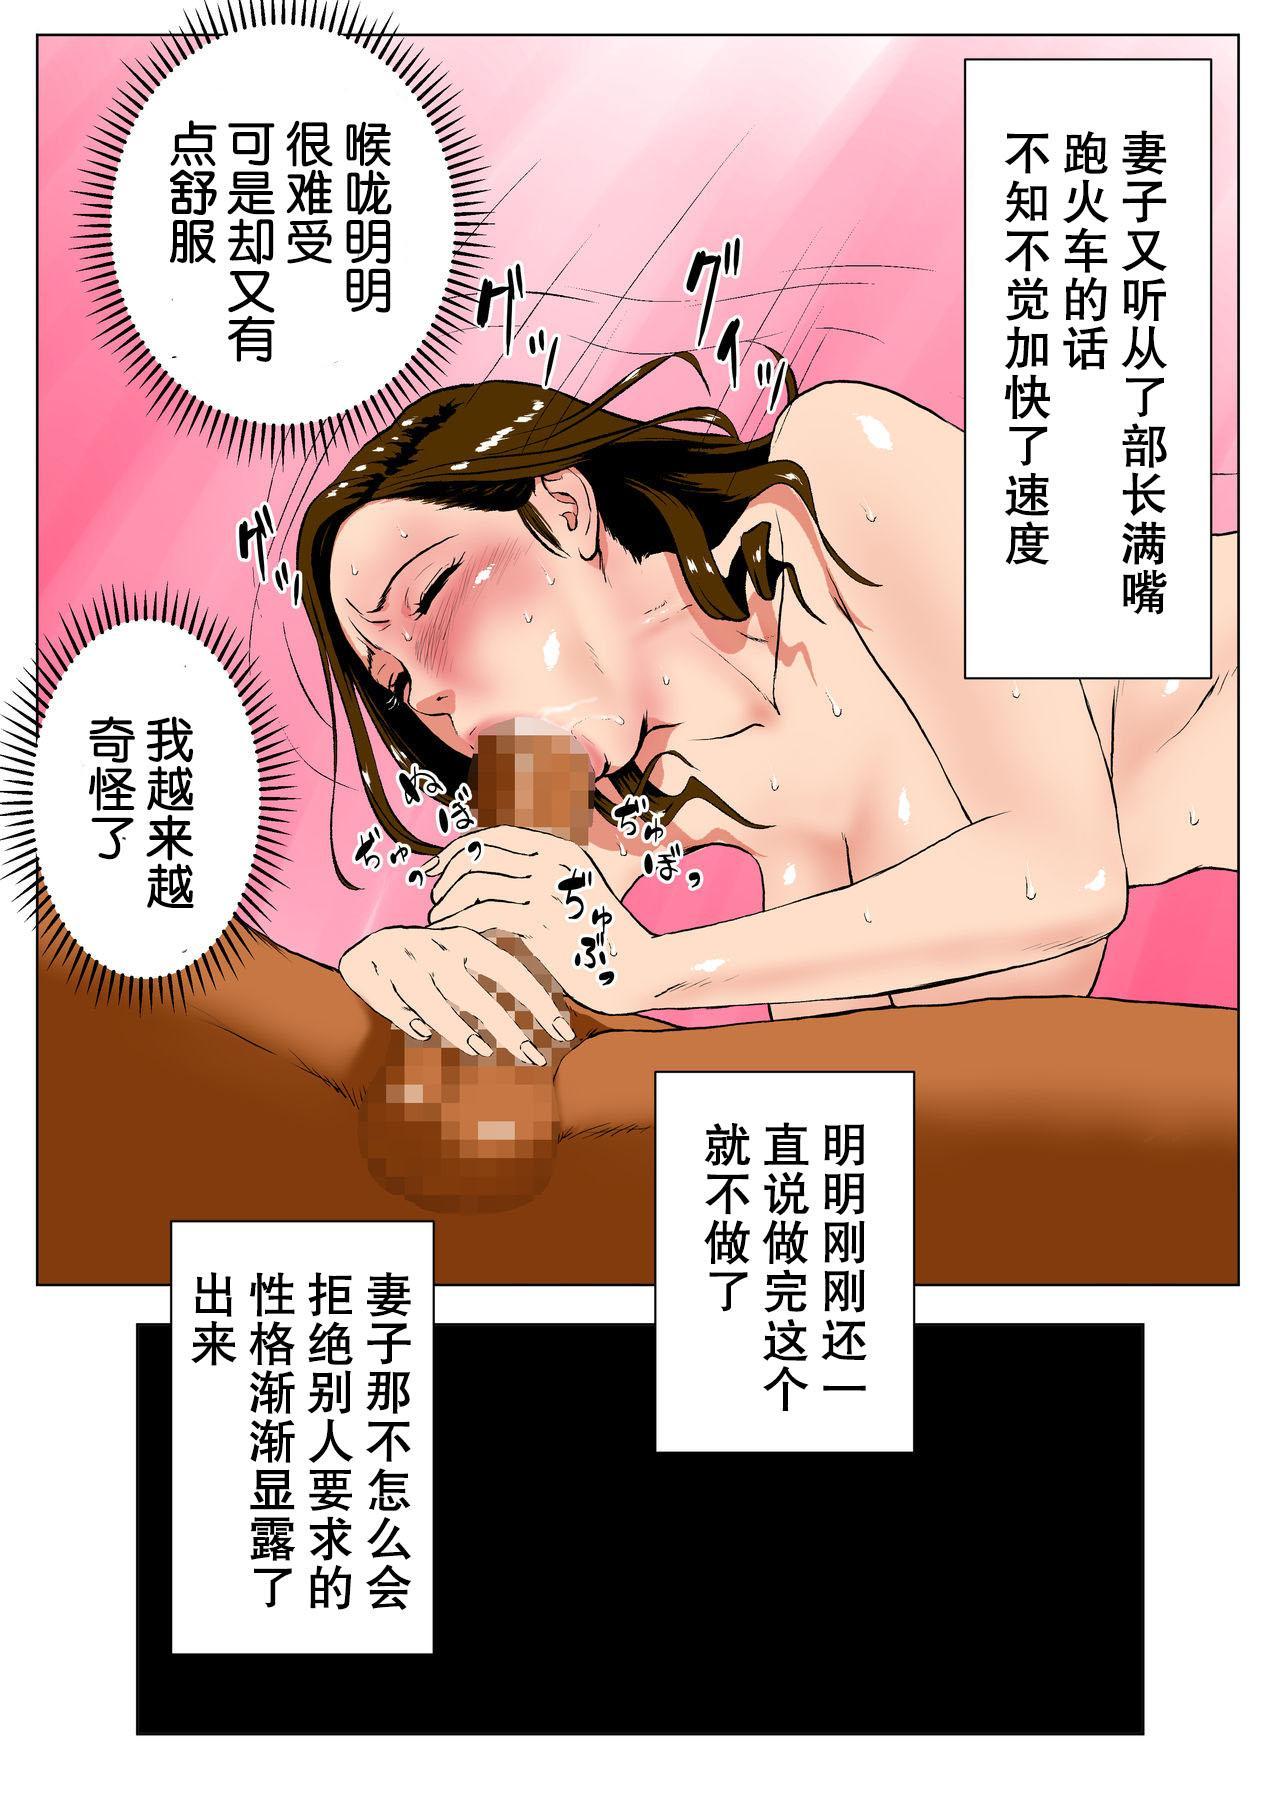 [W no Honnou] Shin, Boku no Tsuma to Kyokon no Moto AV Danyuu Buchou[Chinese]【不可视汉化】 44